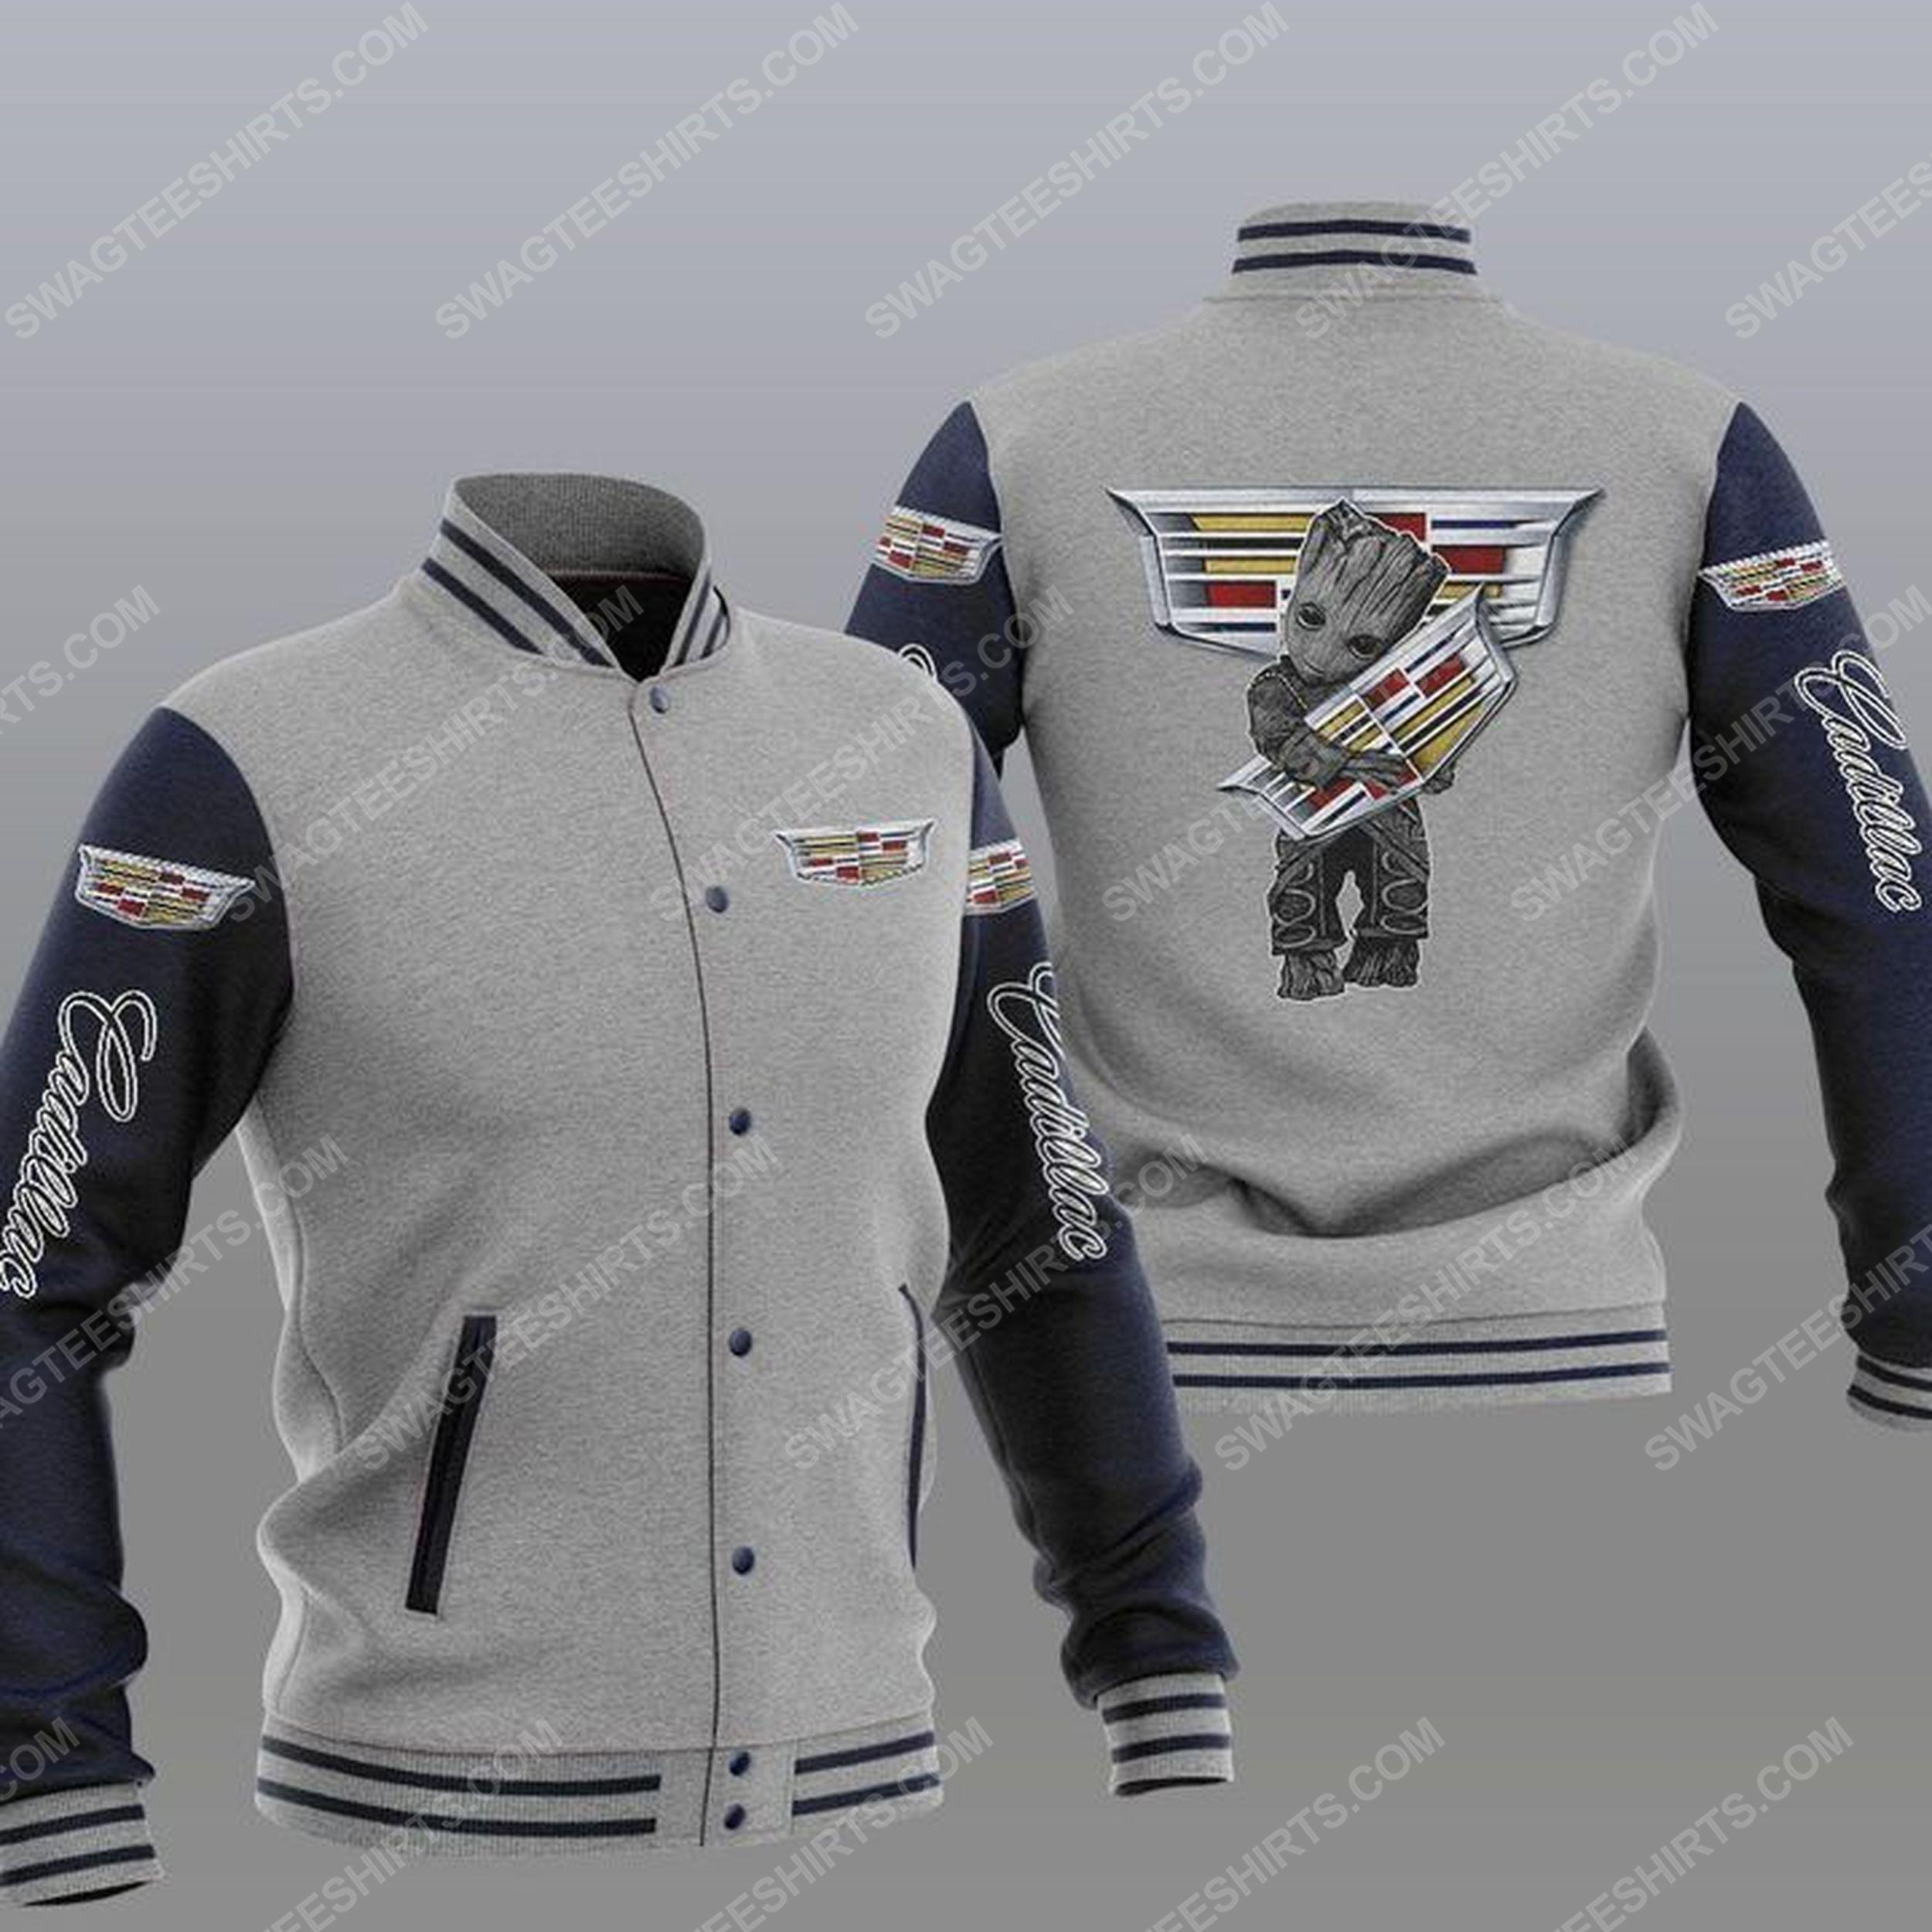 Baby groot and cadillac all over print baseball jacket - gray 1